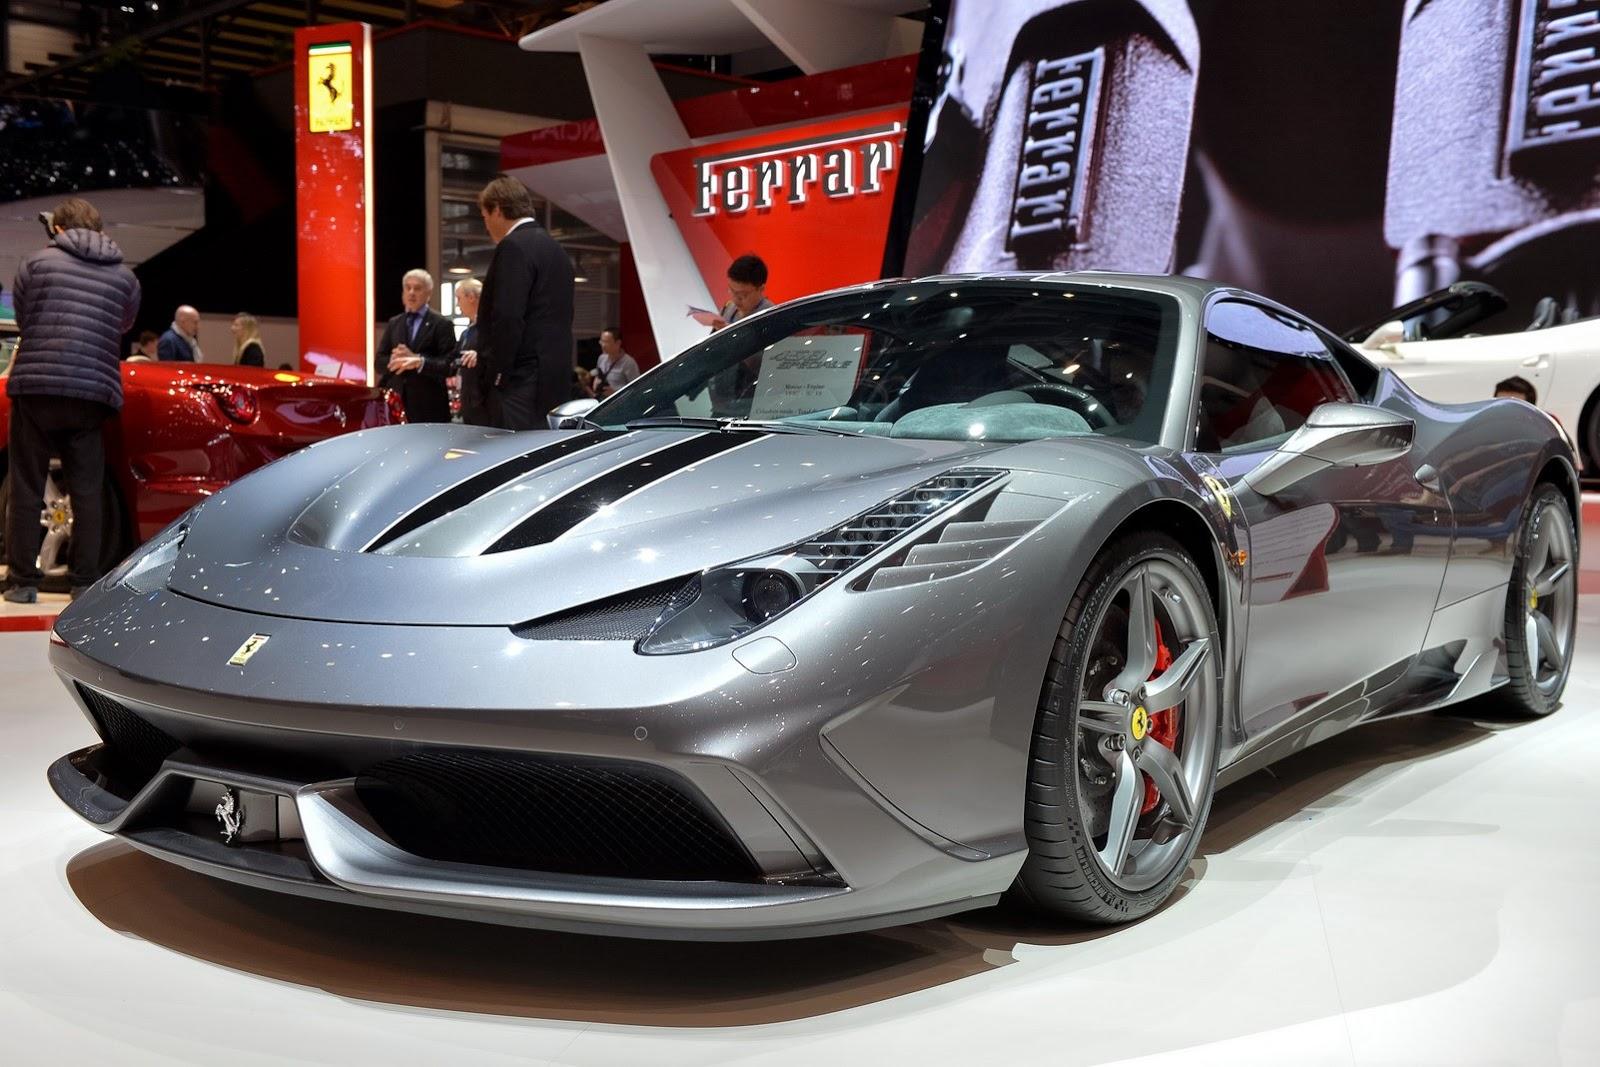 http://lh5.ggpht.com/-JFr9OhGMXCc/Uxc4t_iiHVI/AAAAAAAQVXs/-2vikMAxXbY/s1600/Ferrari-458-Speciale-2%25255B2%25255D.jpg